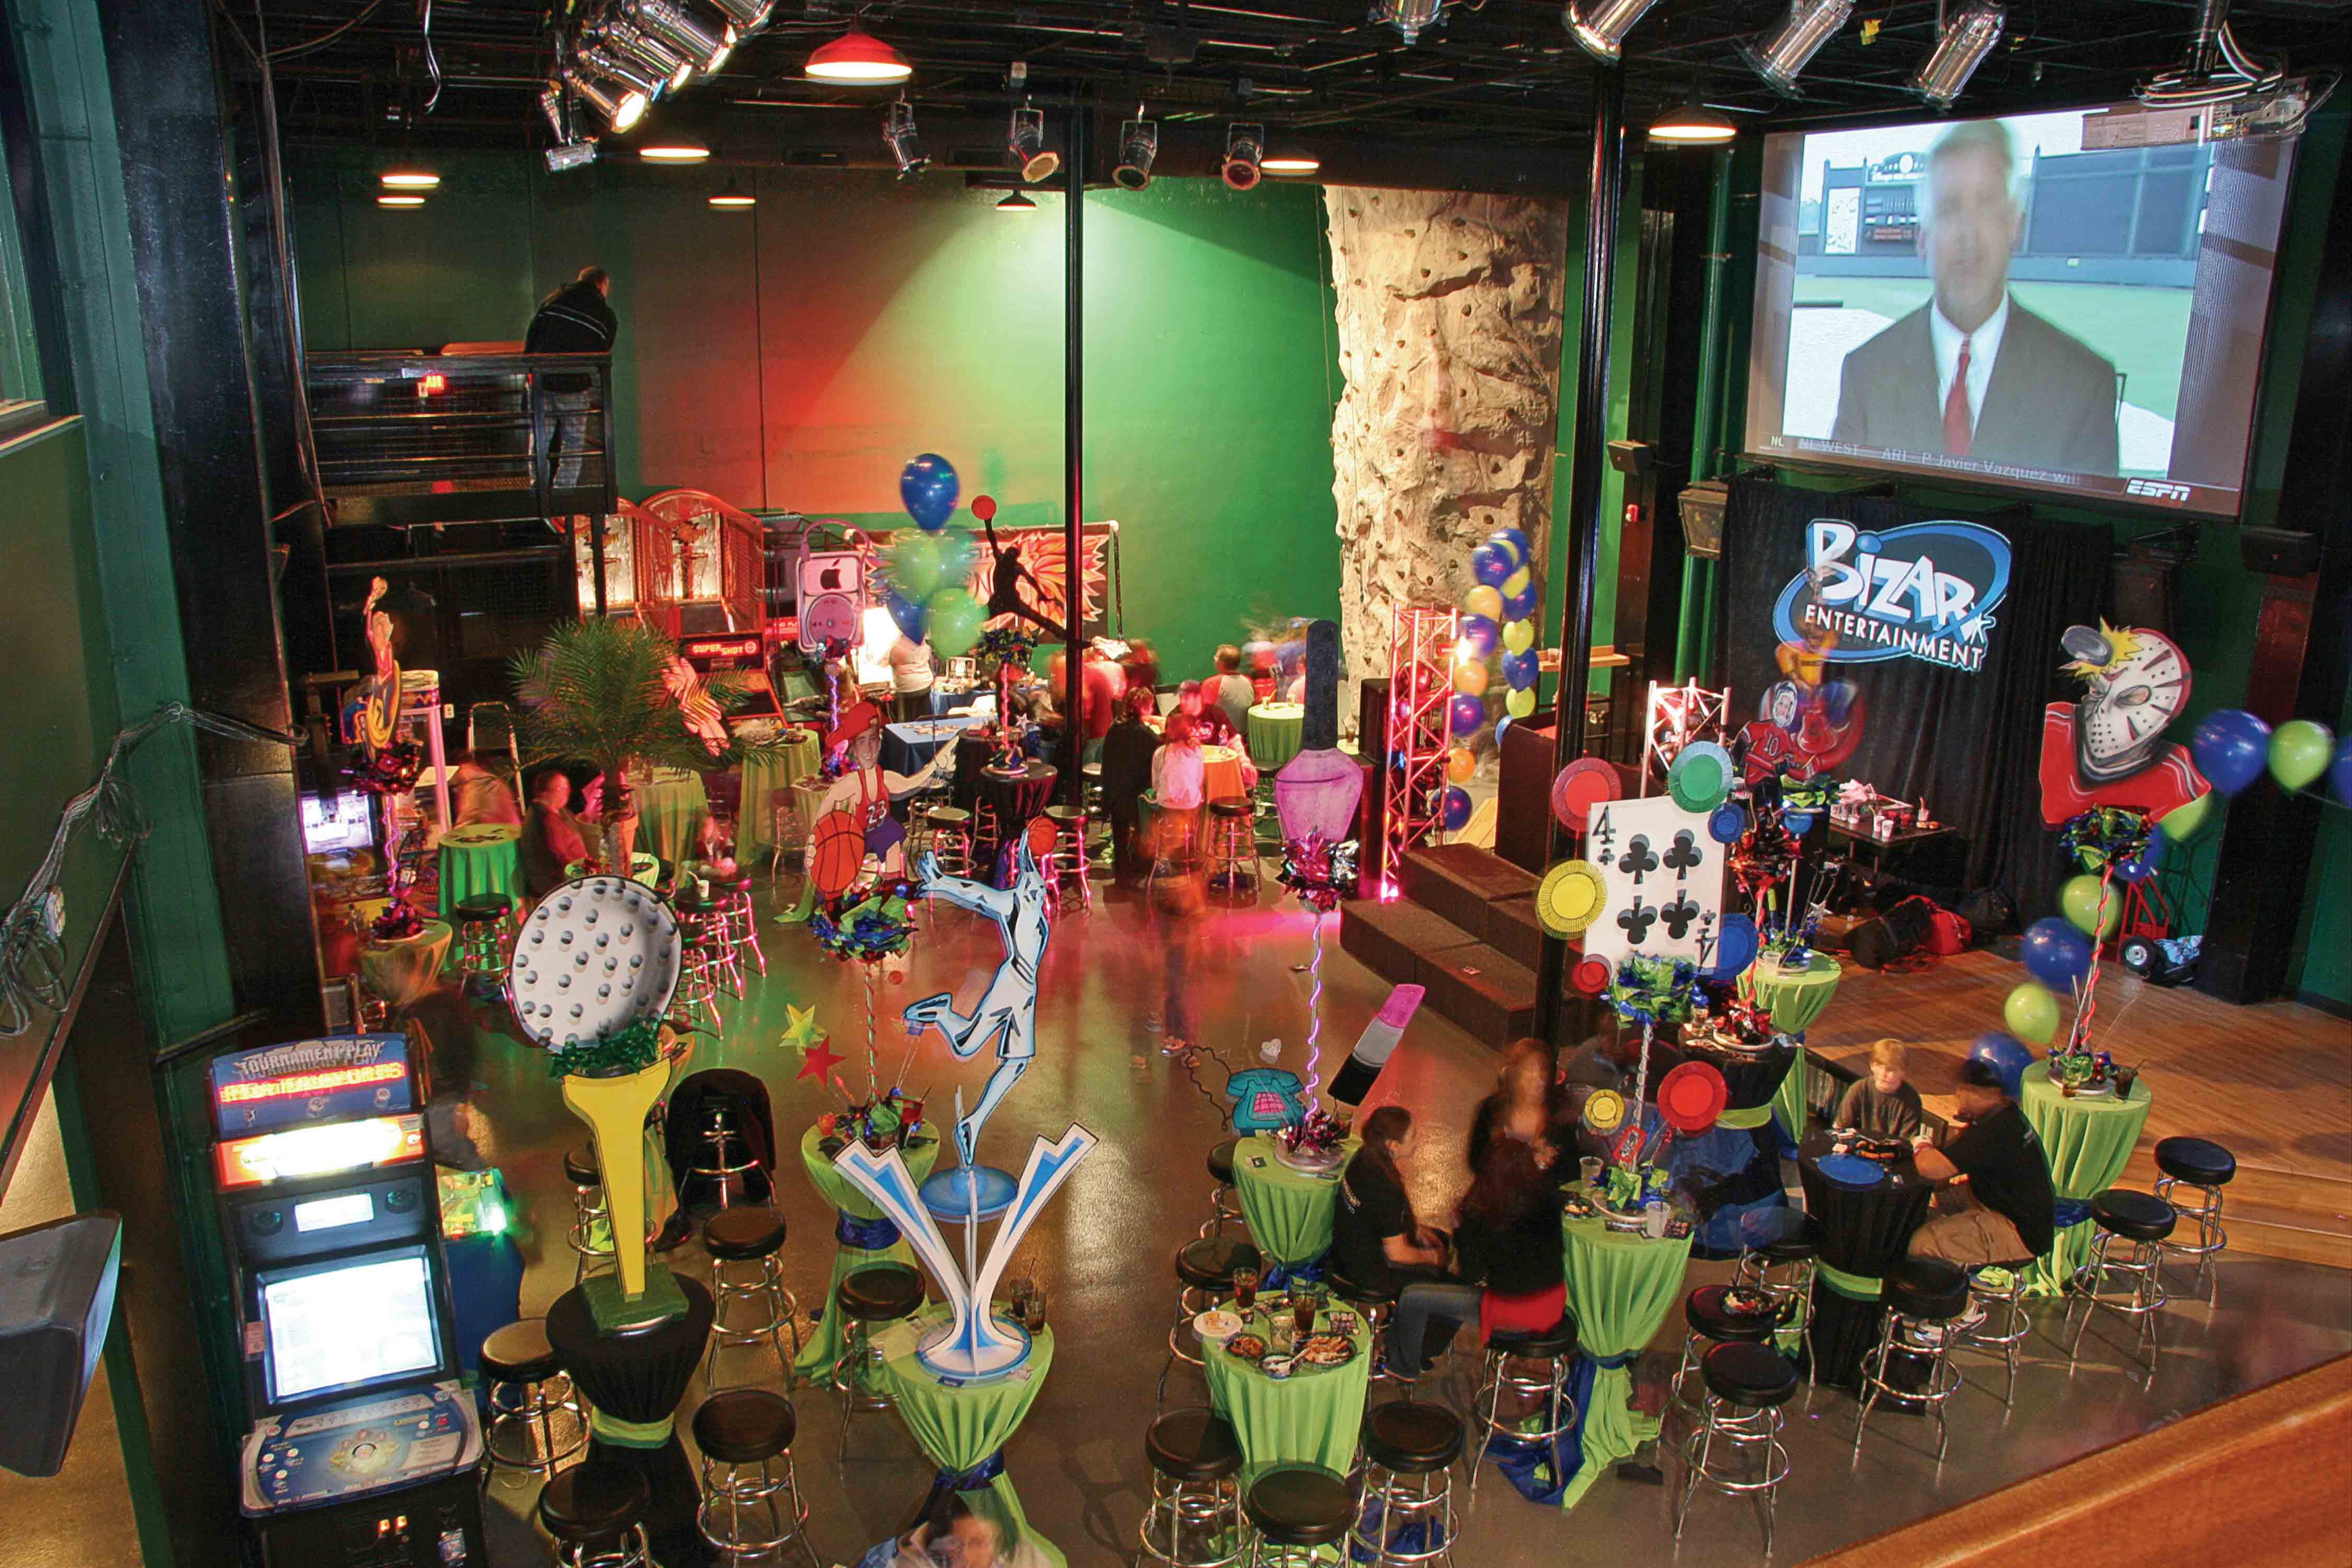 Bar Mitzvah Venue